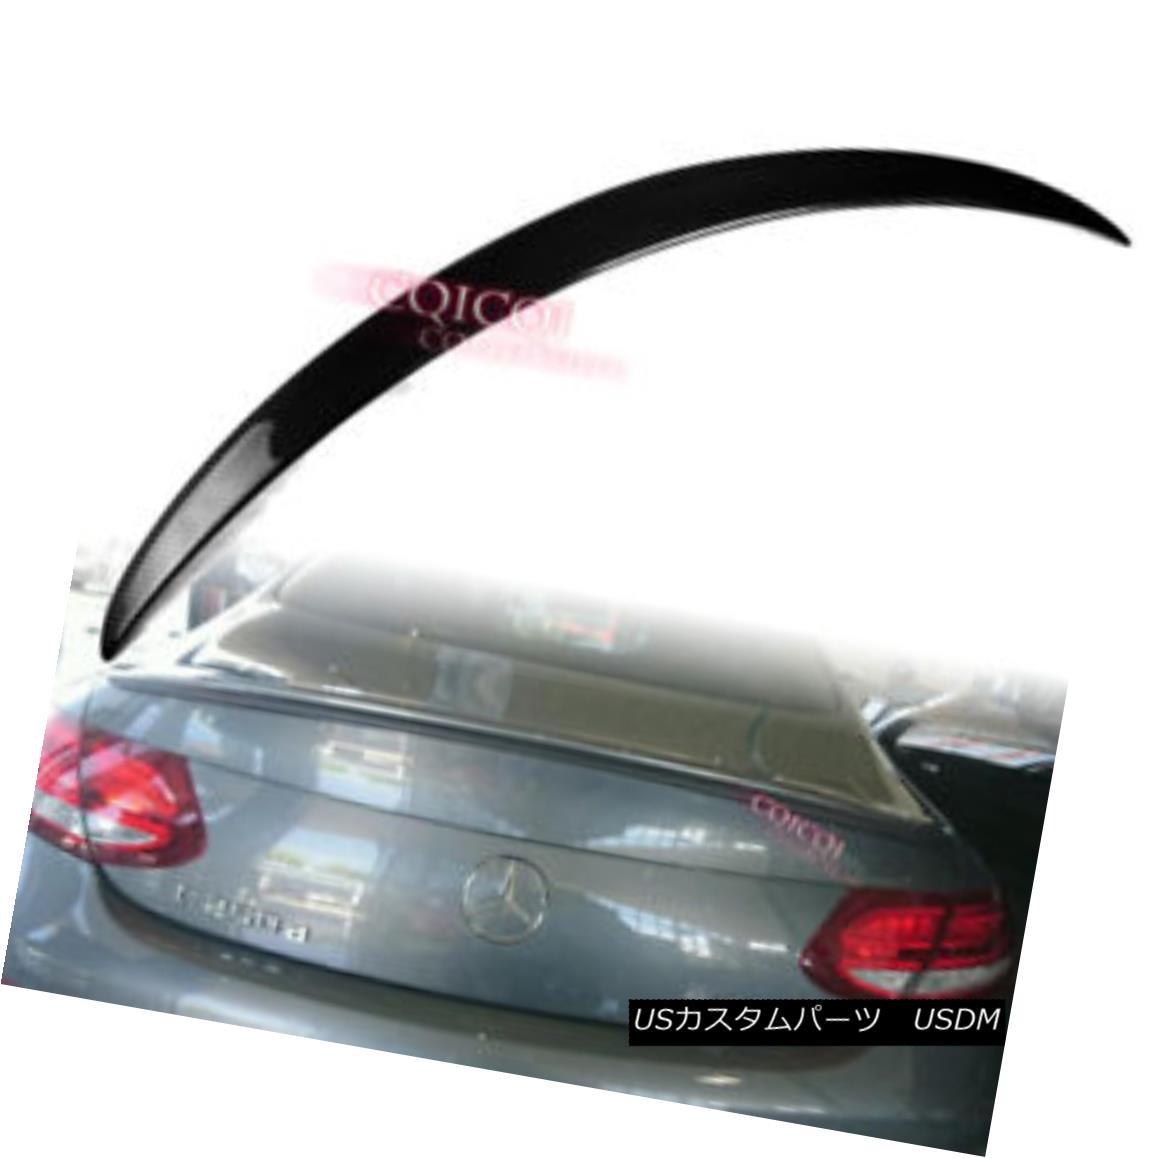 エアロパーツ Carbon Fiber MERCEDES BENZ 16~18 C205 C class coupe A type trunk spoiler ◎ 炭素繊維MERCEDES BENZ 16?18 C205 Cクラスクーペタイプのトランク・スポイラー?